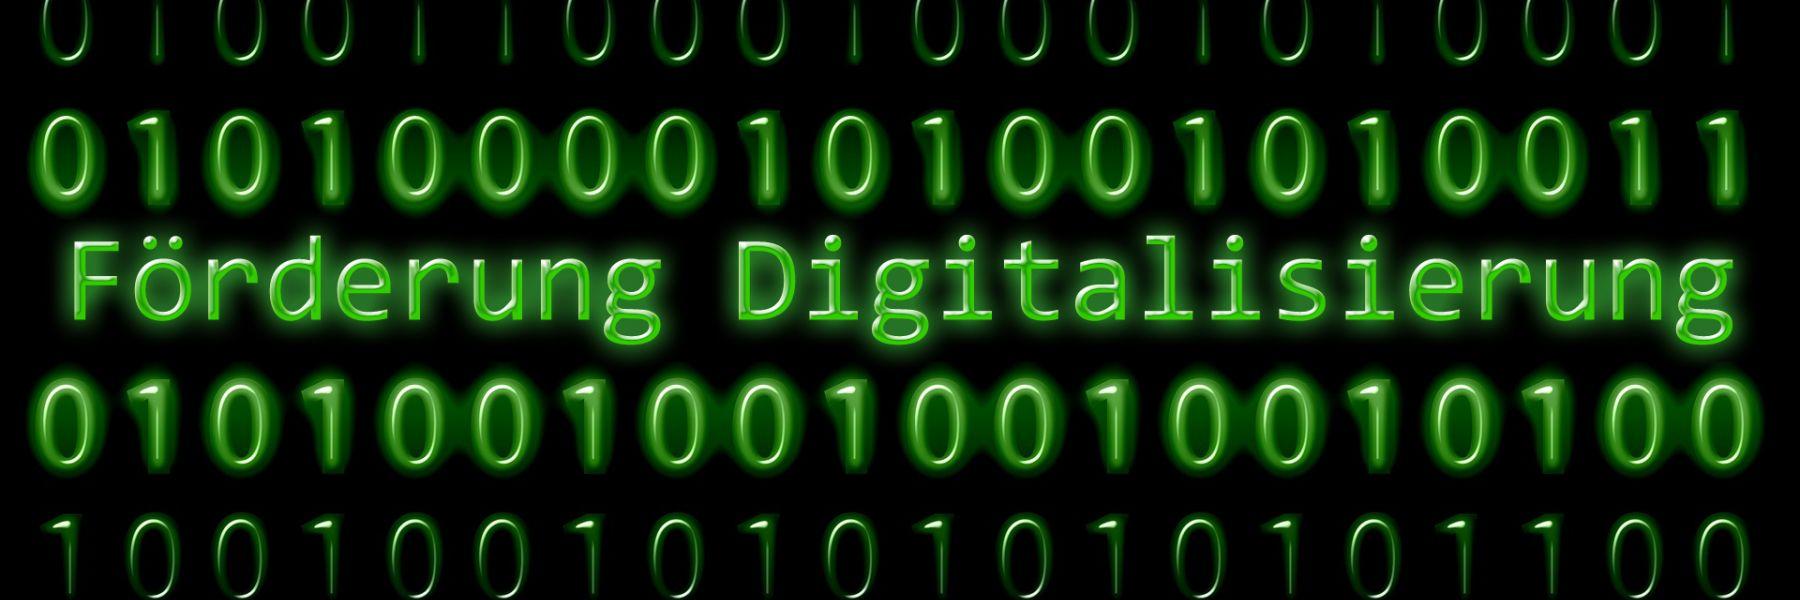 Förderung Digitalisierungsprojekte RKW